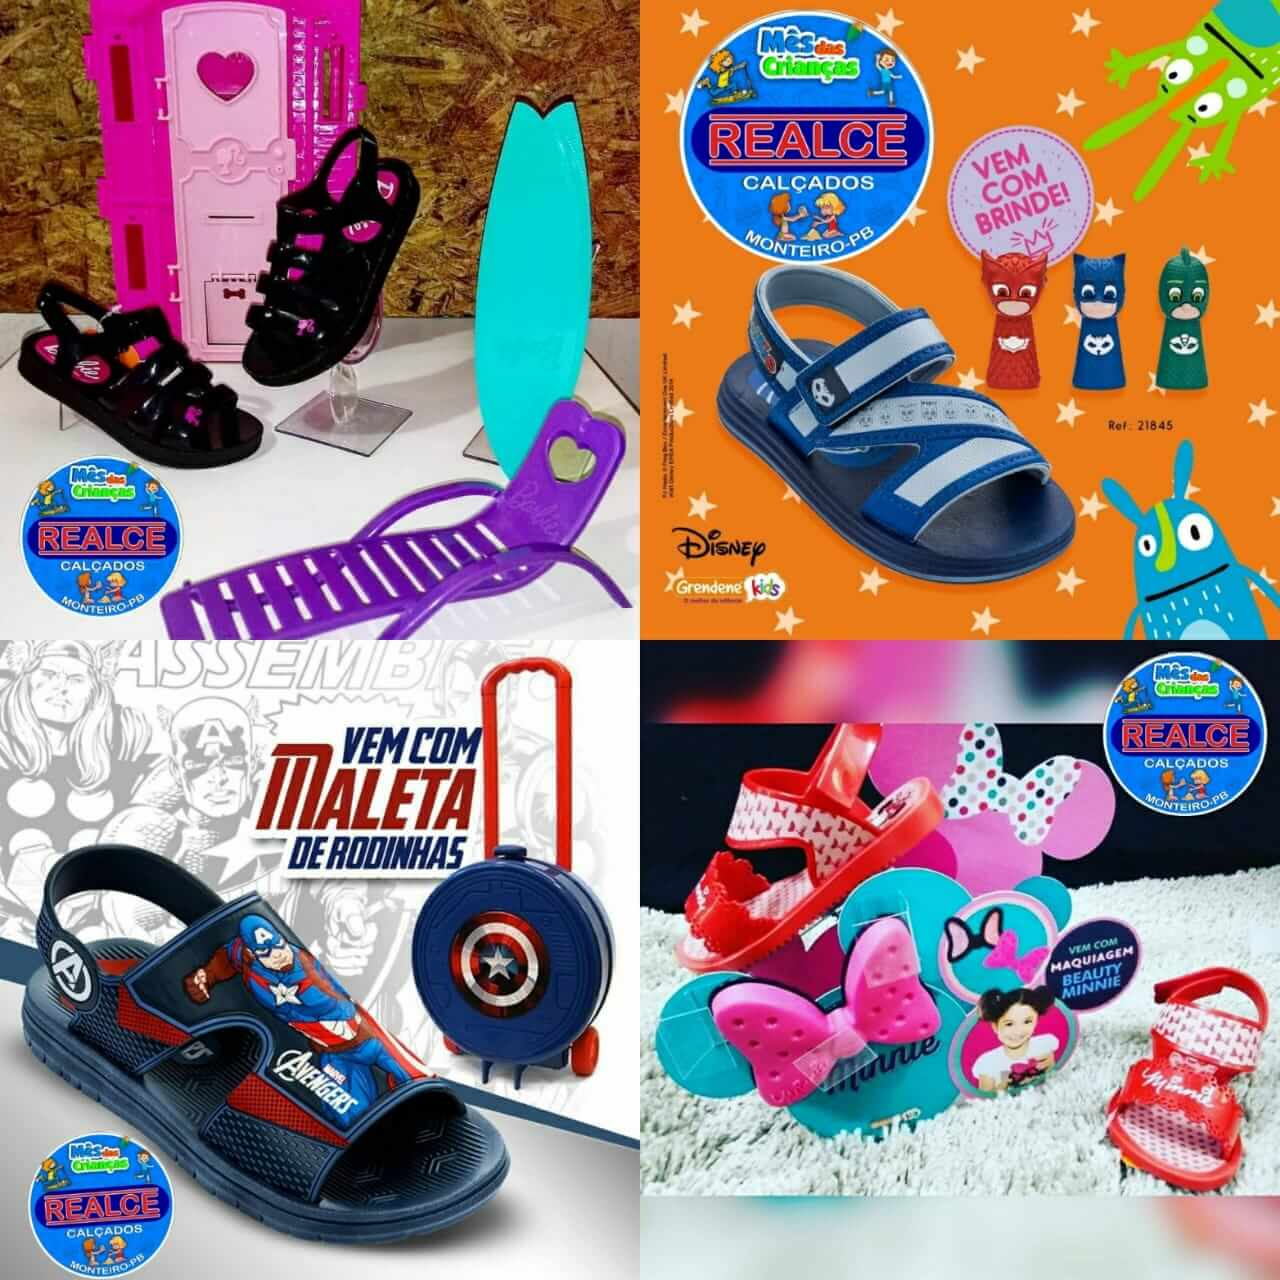 b8de3f2d-826f-4bb5-a5a1-dd27c0c67f4c-1024x1024 OFERTAS: Dia das Crianças Realce Calçados Monteiro